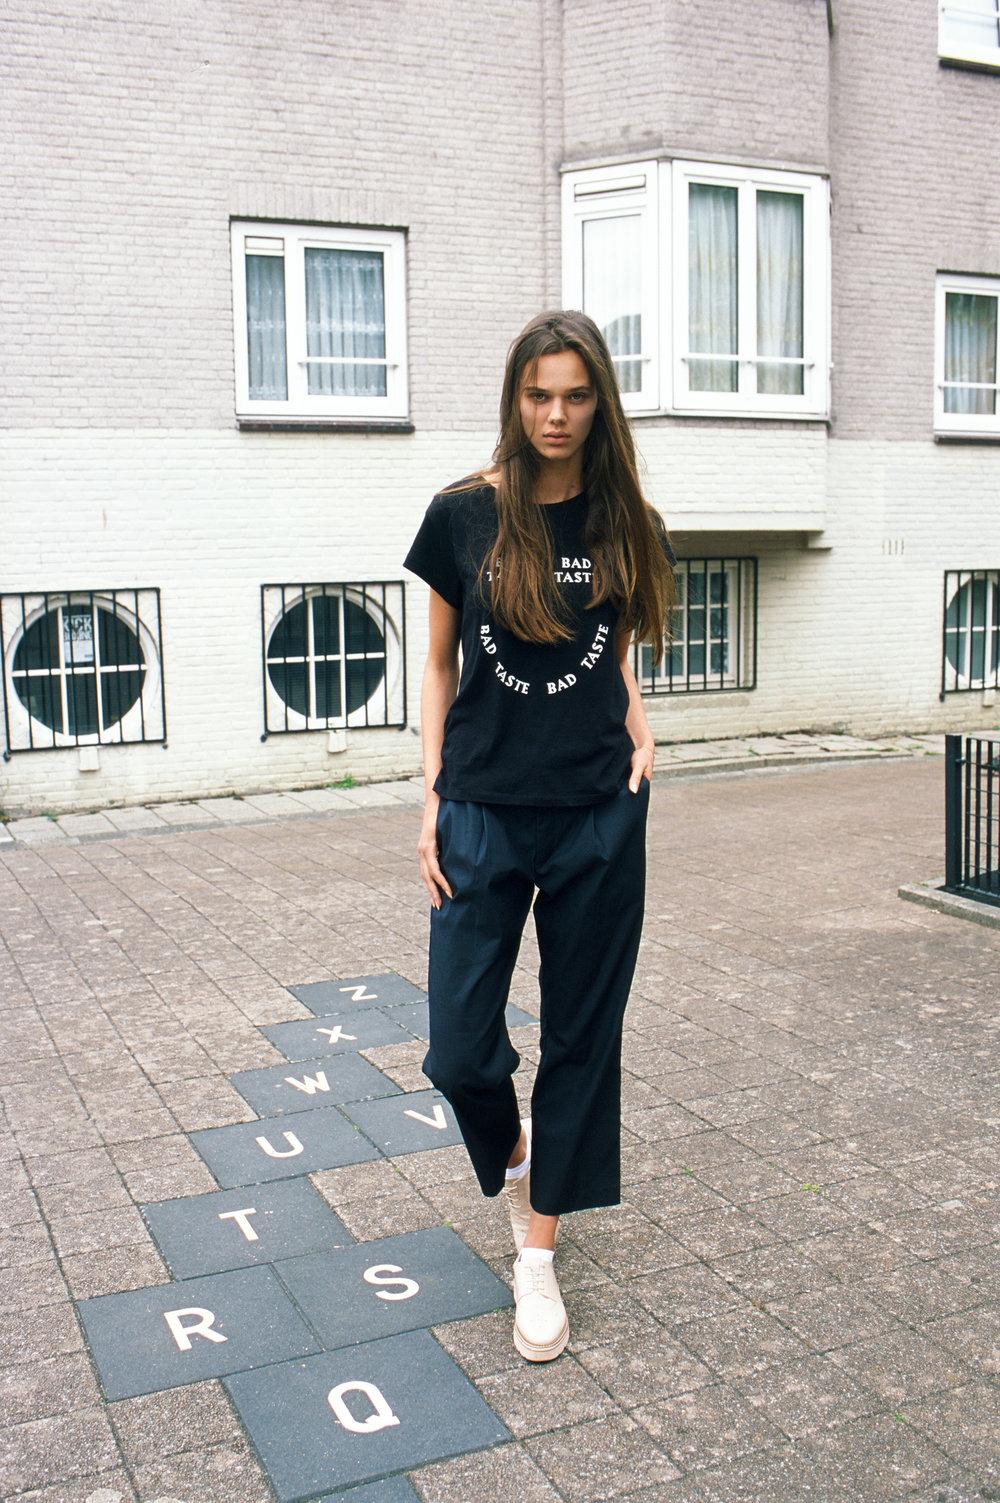 Roll 03-0020-Amsterdam-Ilse Tuit-FujiProvia-Edit.jpg